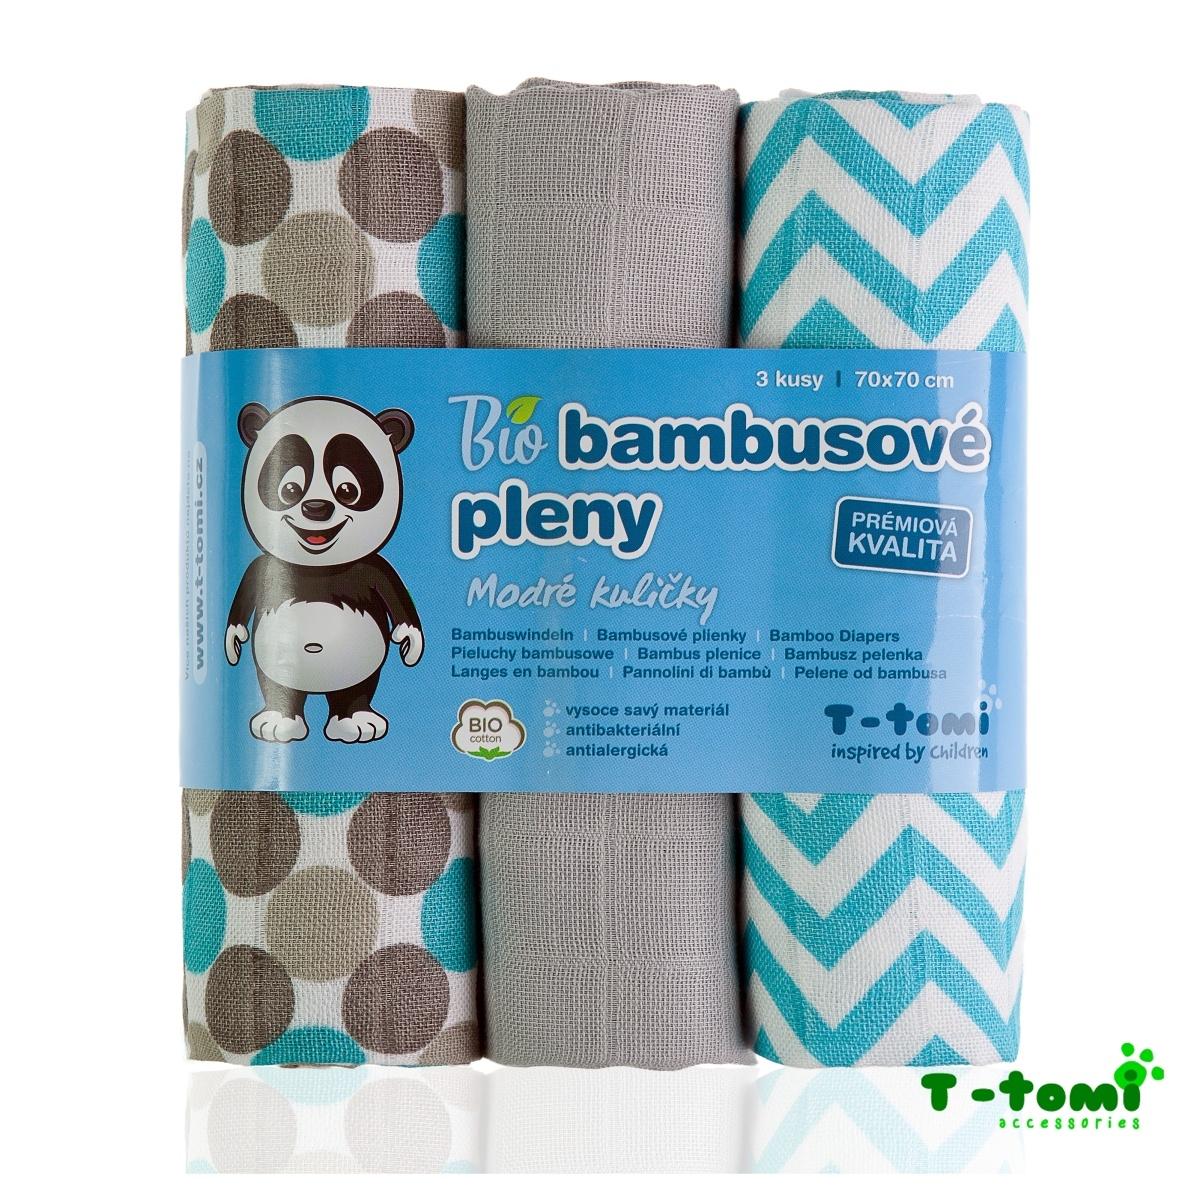 T-tomi BIO Bambusové pleny 3ks, modré kuličky